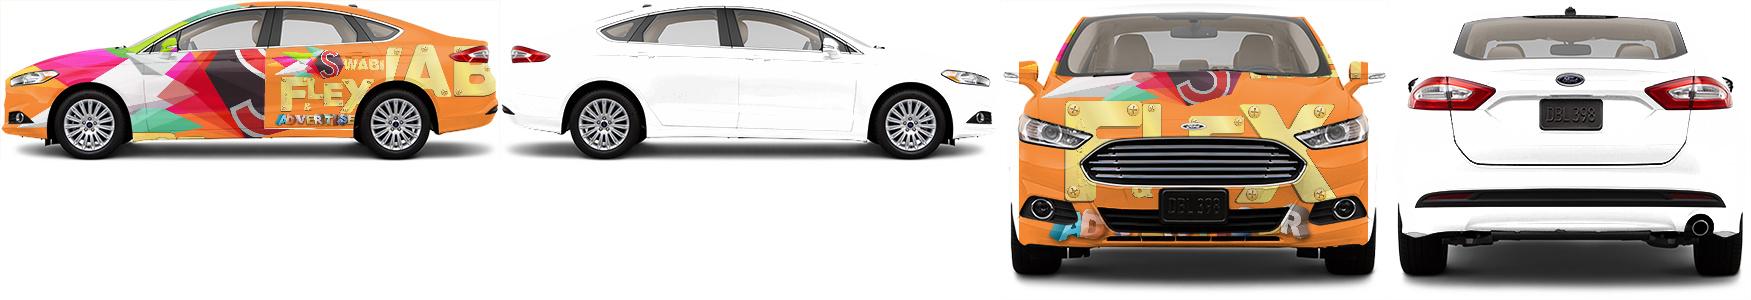 Sedan Wrap #24217